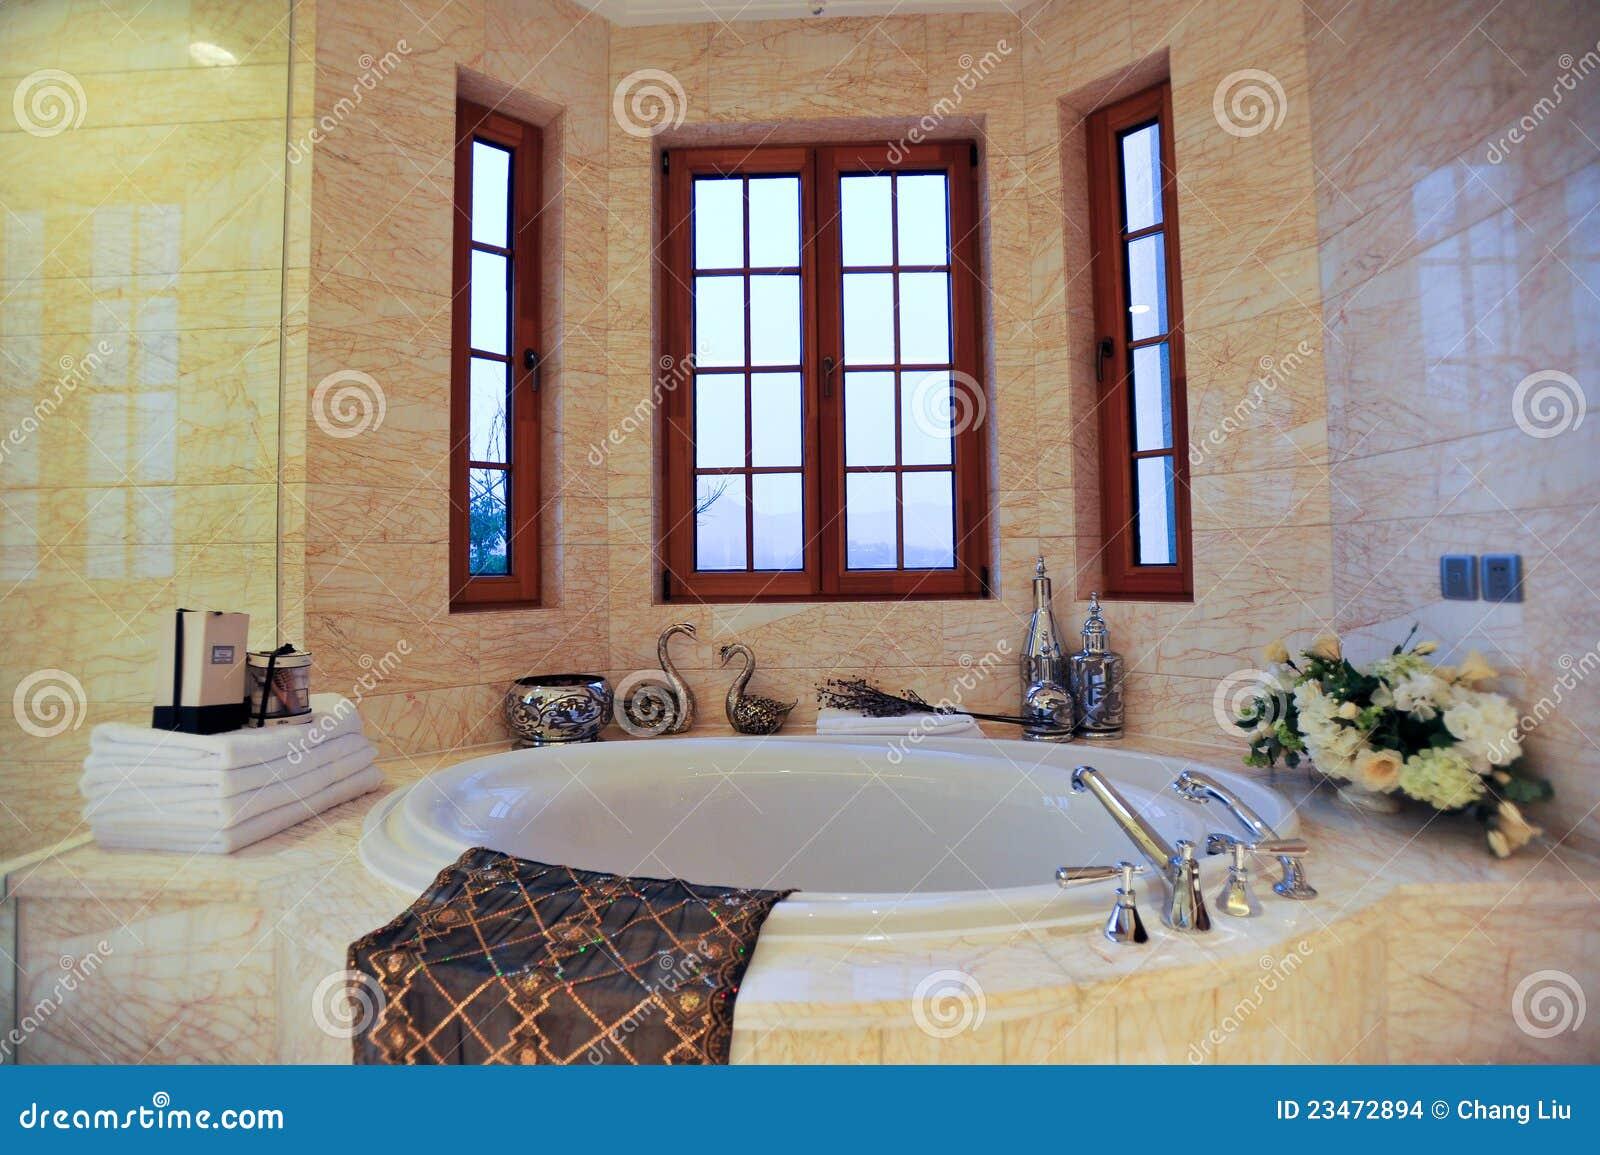 Vasca Da Bagno Da Incasso Prezzi : Bagno con vasca incassata stanza rovere with bagno con vasca